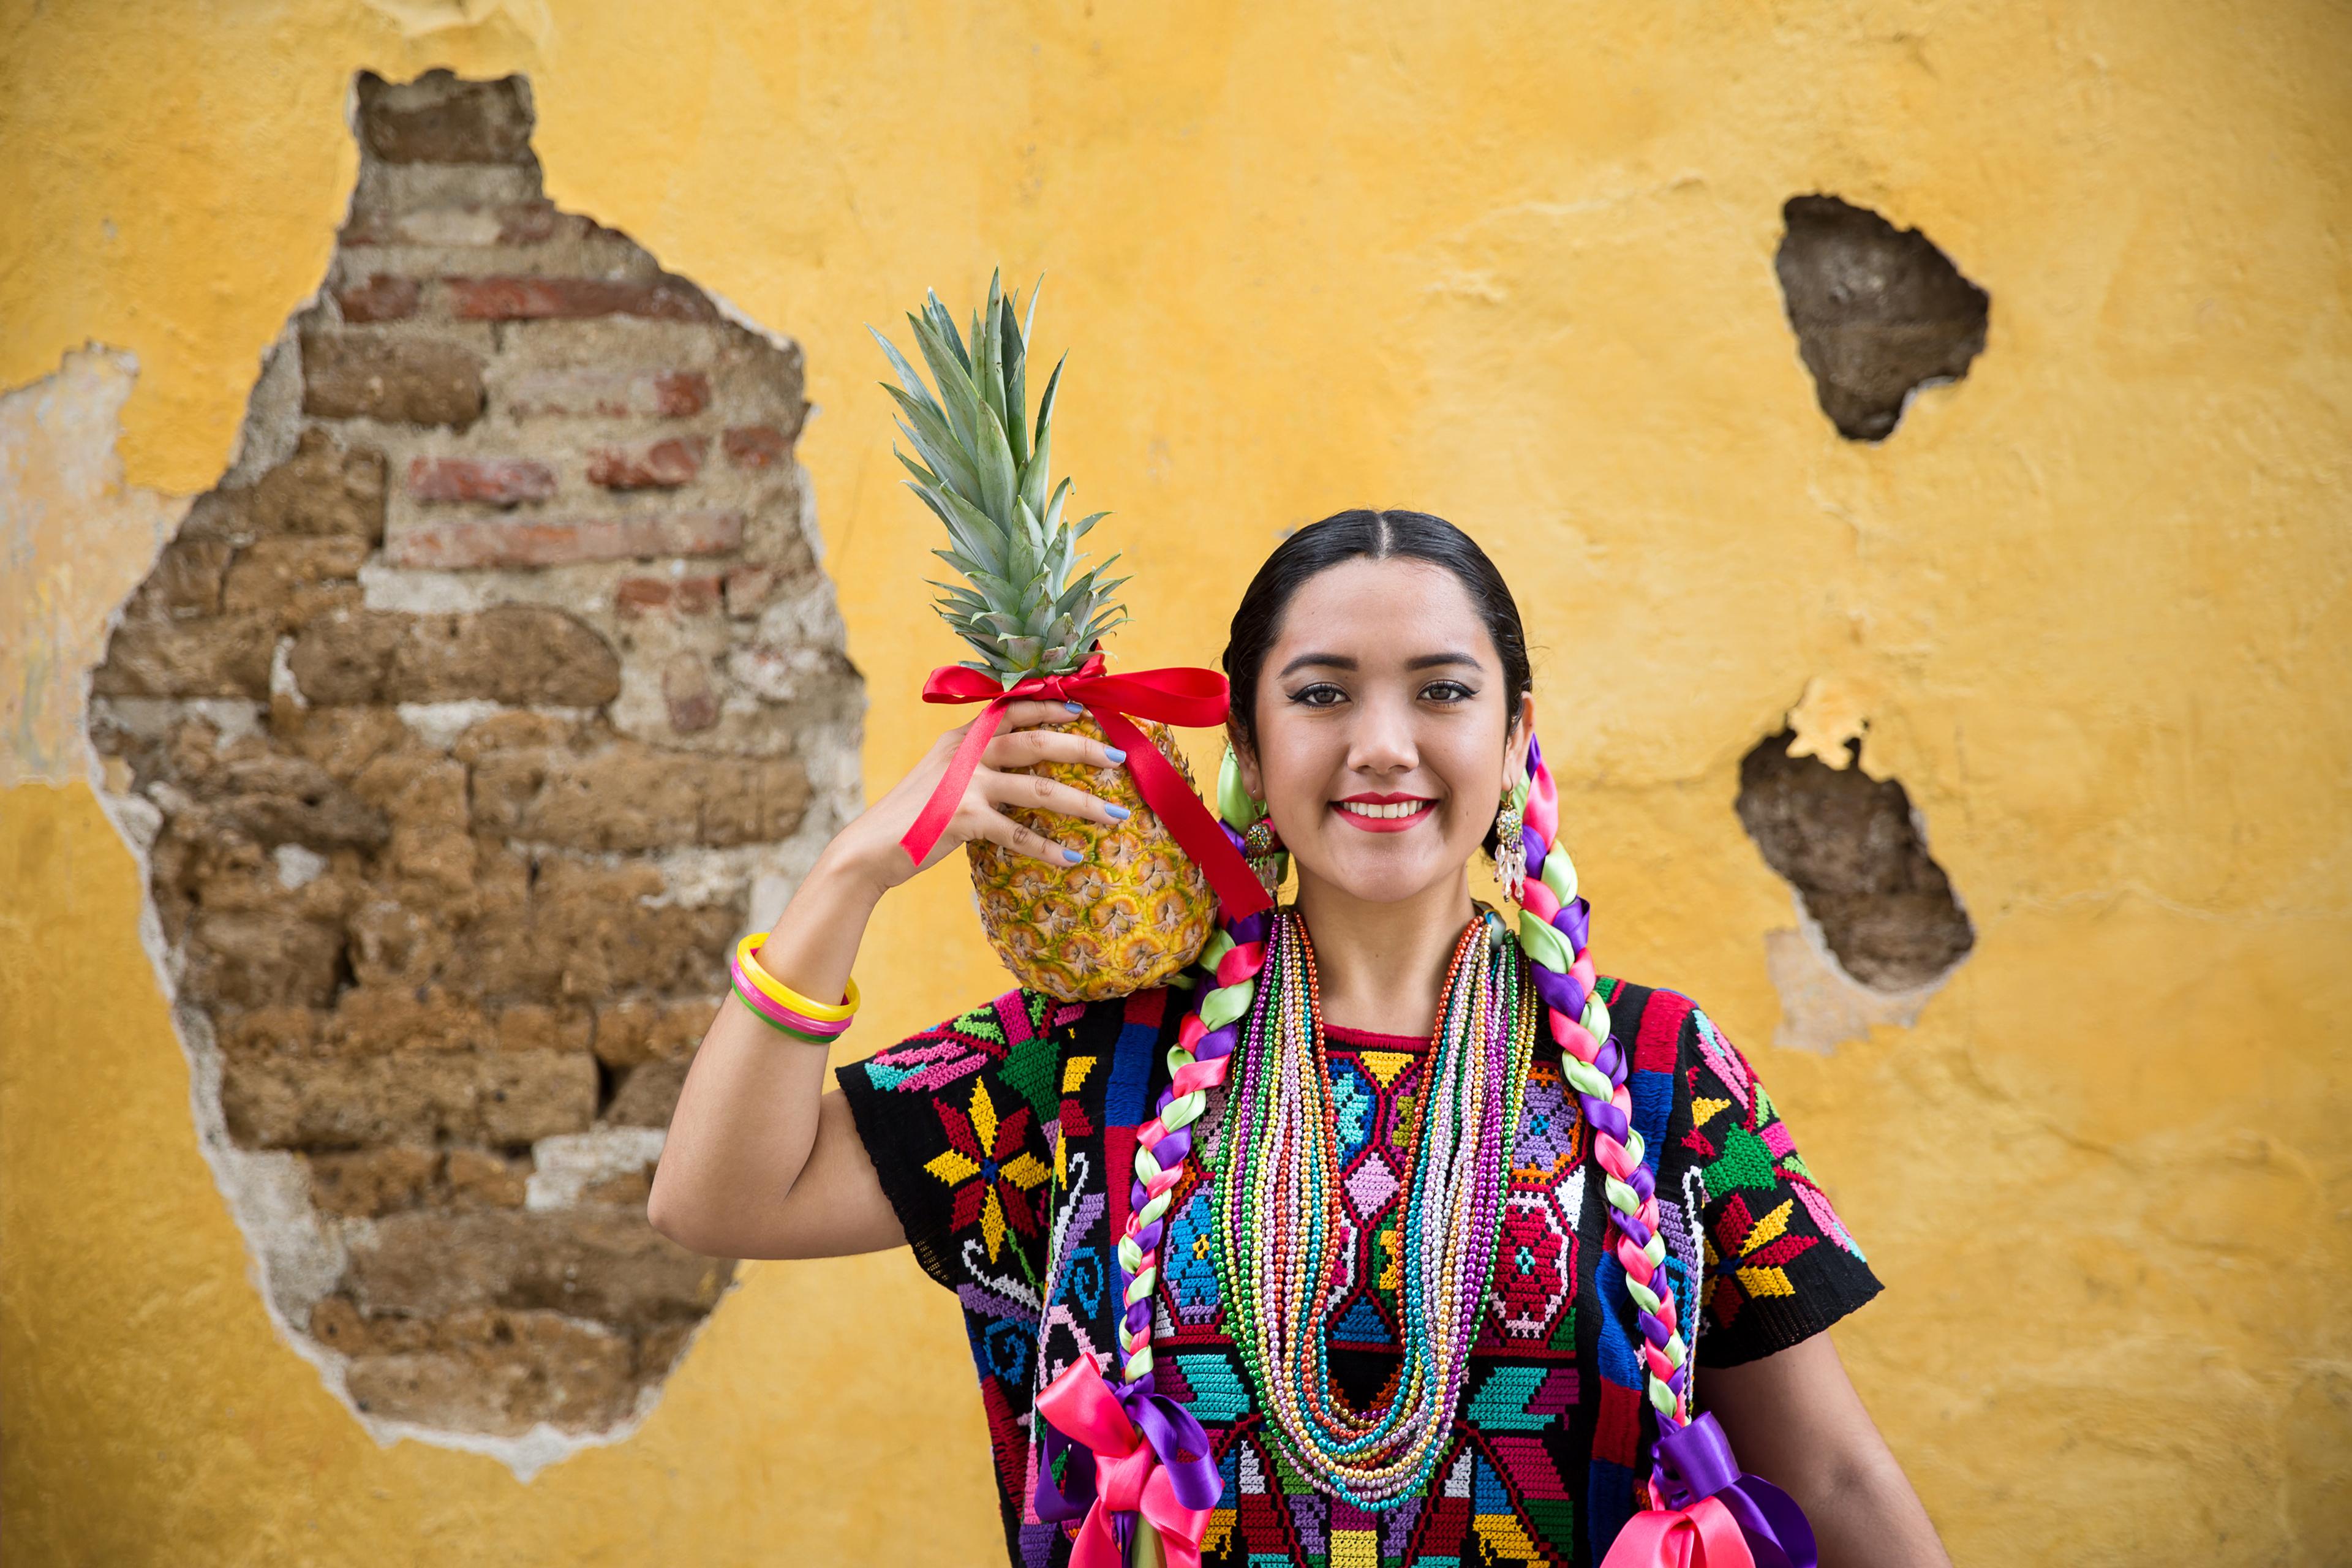 flor-de-pina-2-oaxaca-mexico-sina-falker